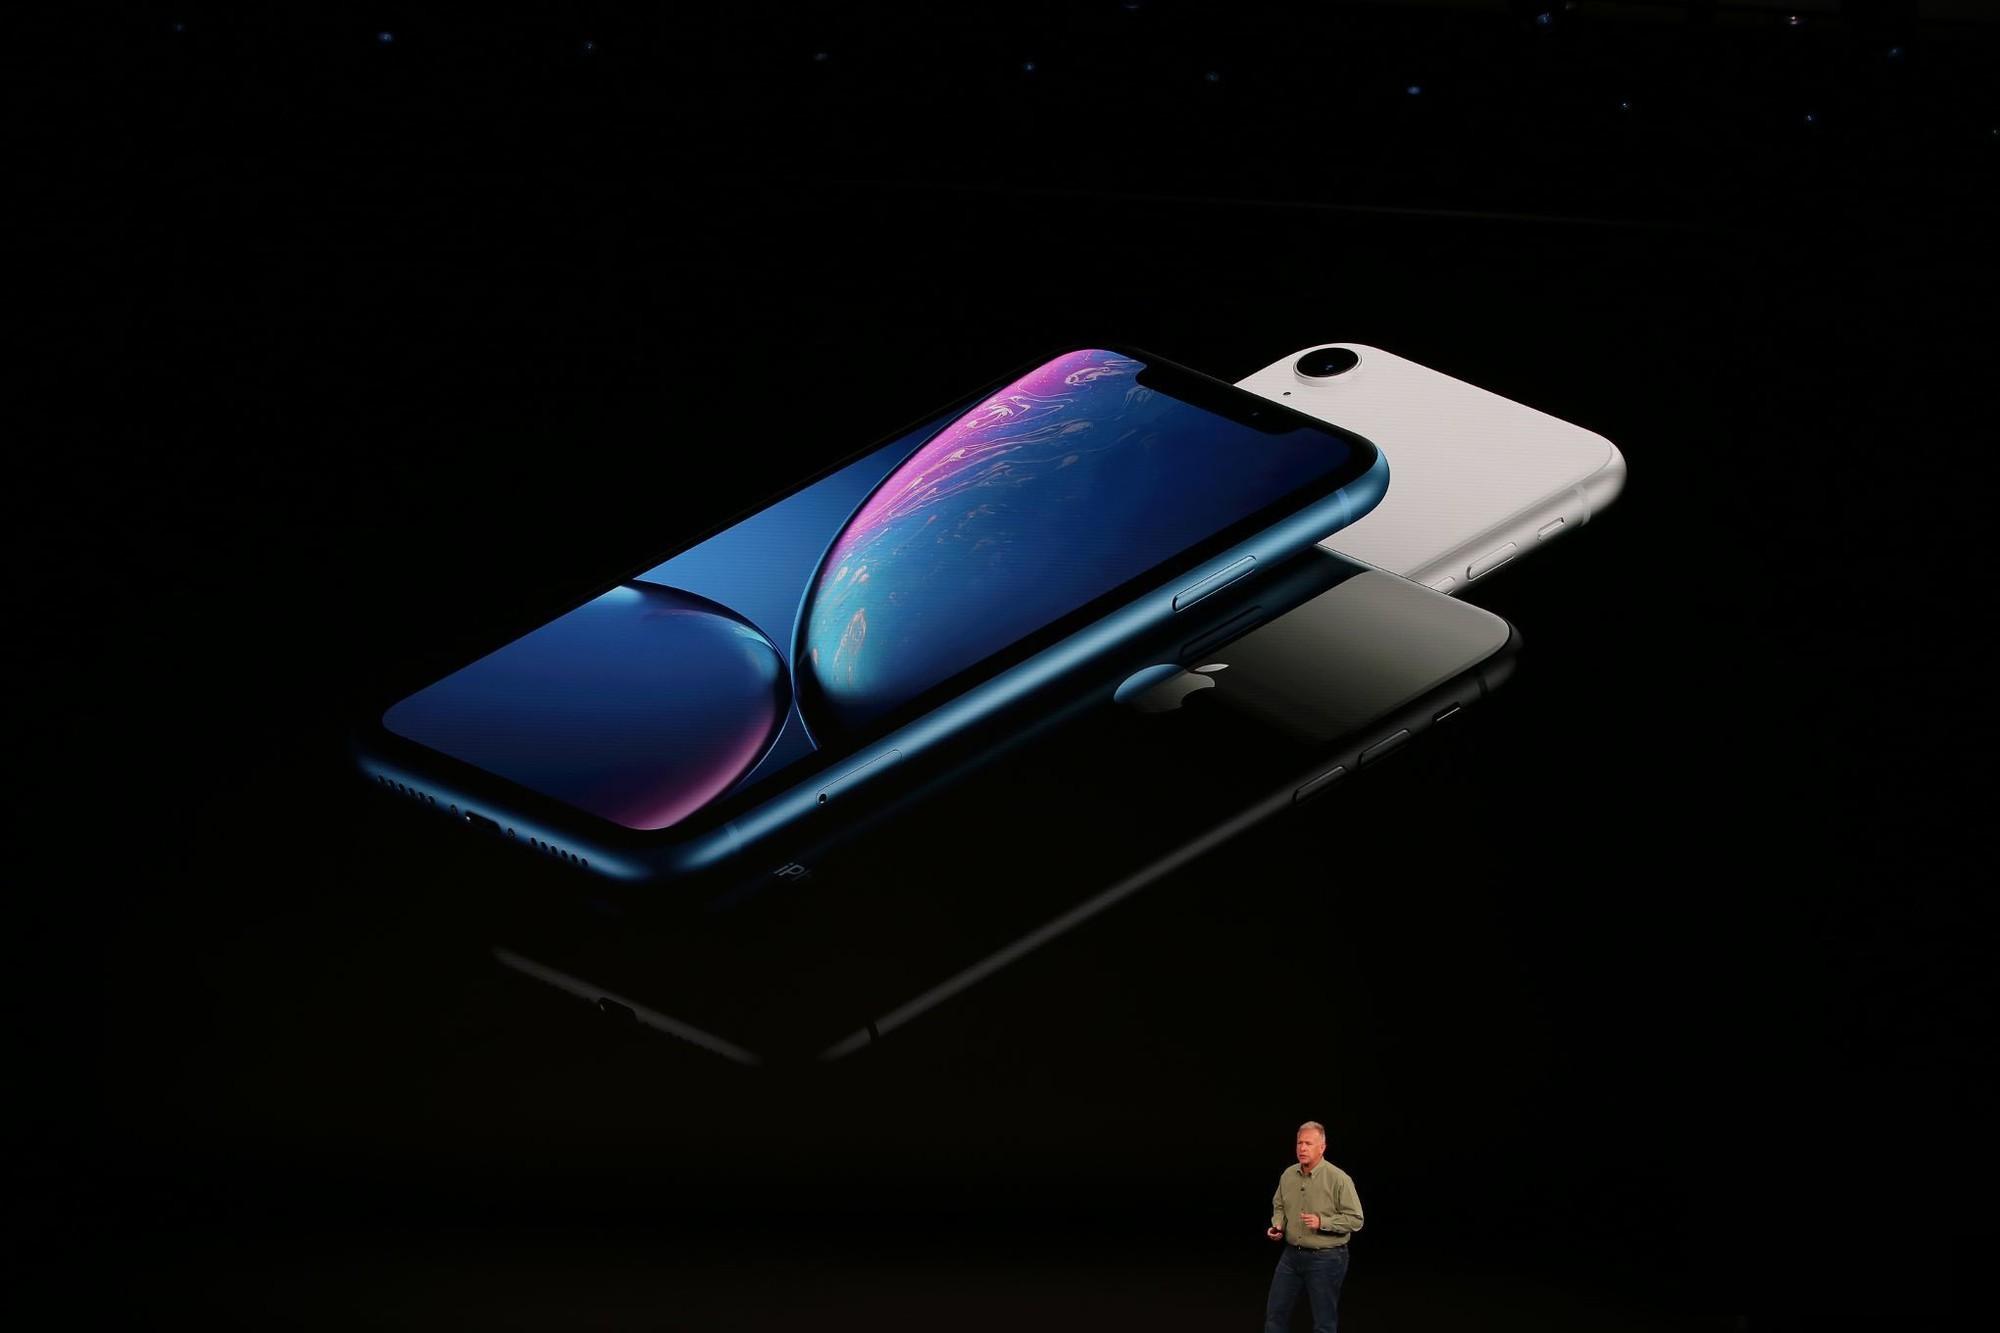 iPhone Xr đây rồi: nhìn như iPhone Xs, có màu xanh nước biển nhưng giá chỉ có 17 triệu thôi - Ảnh 2.